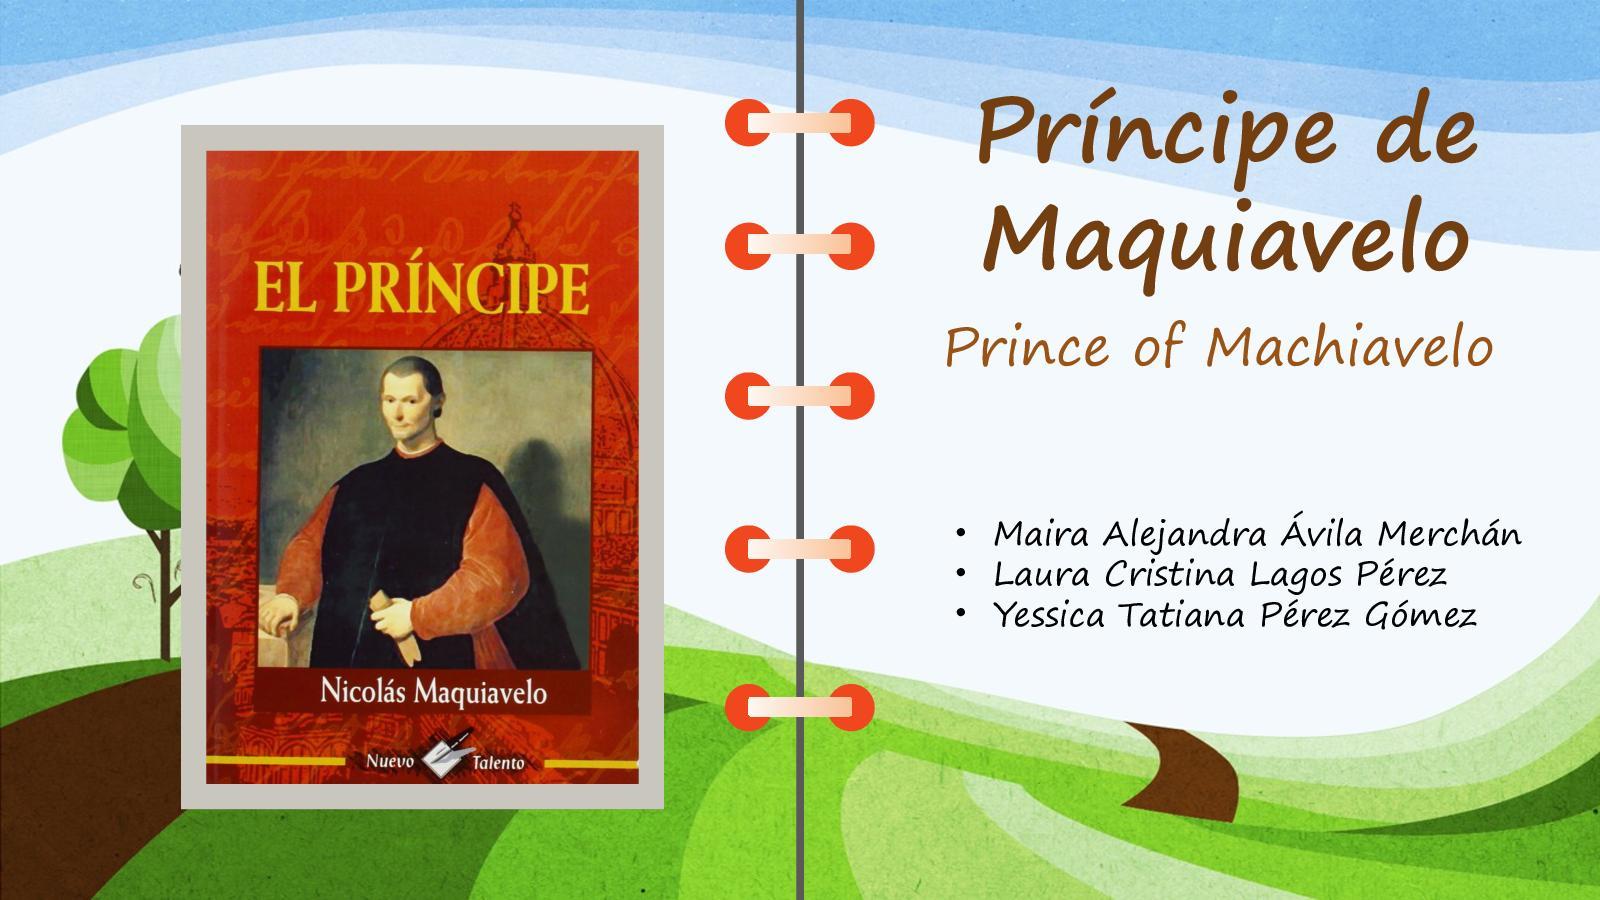 Principe De Maquiavelo